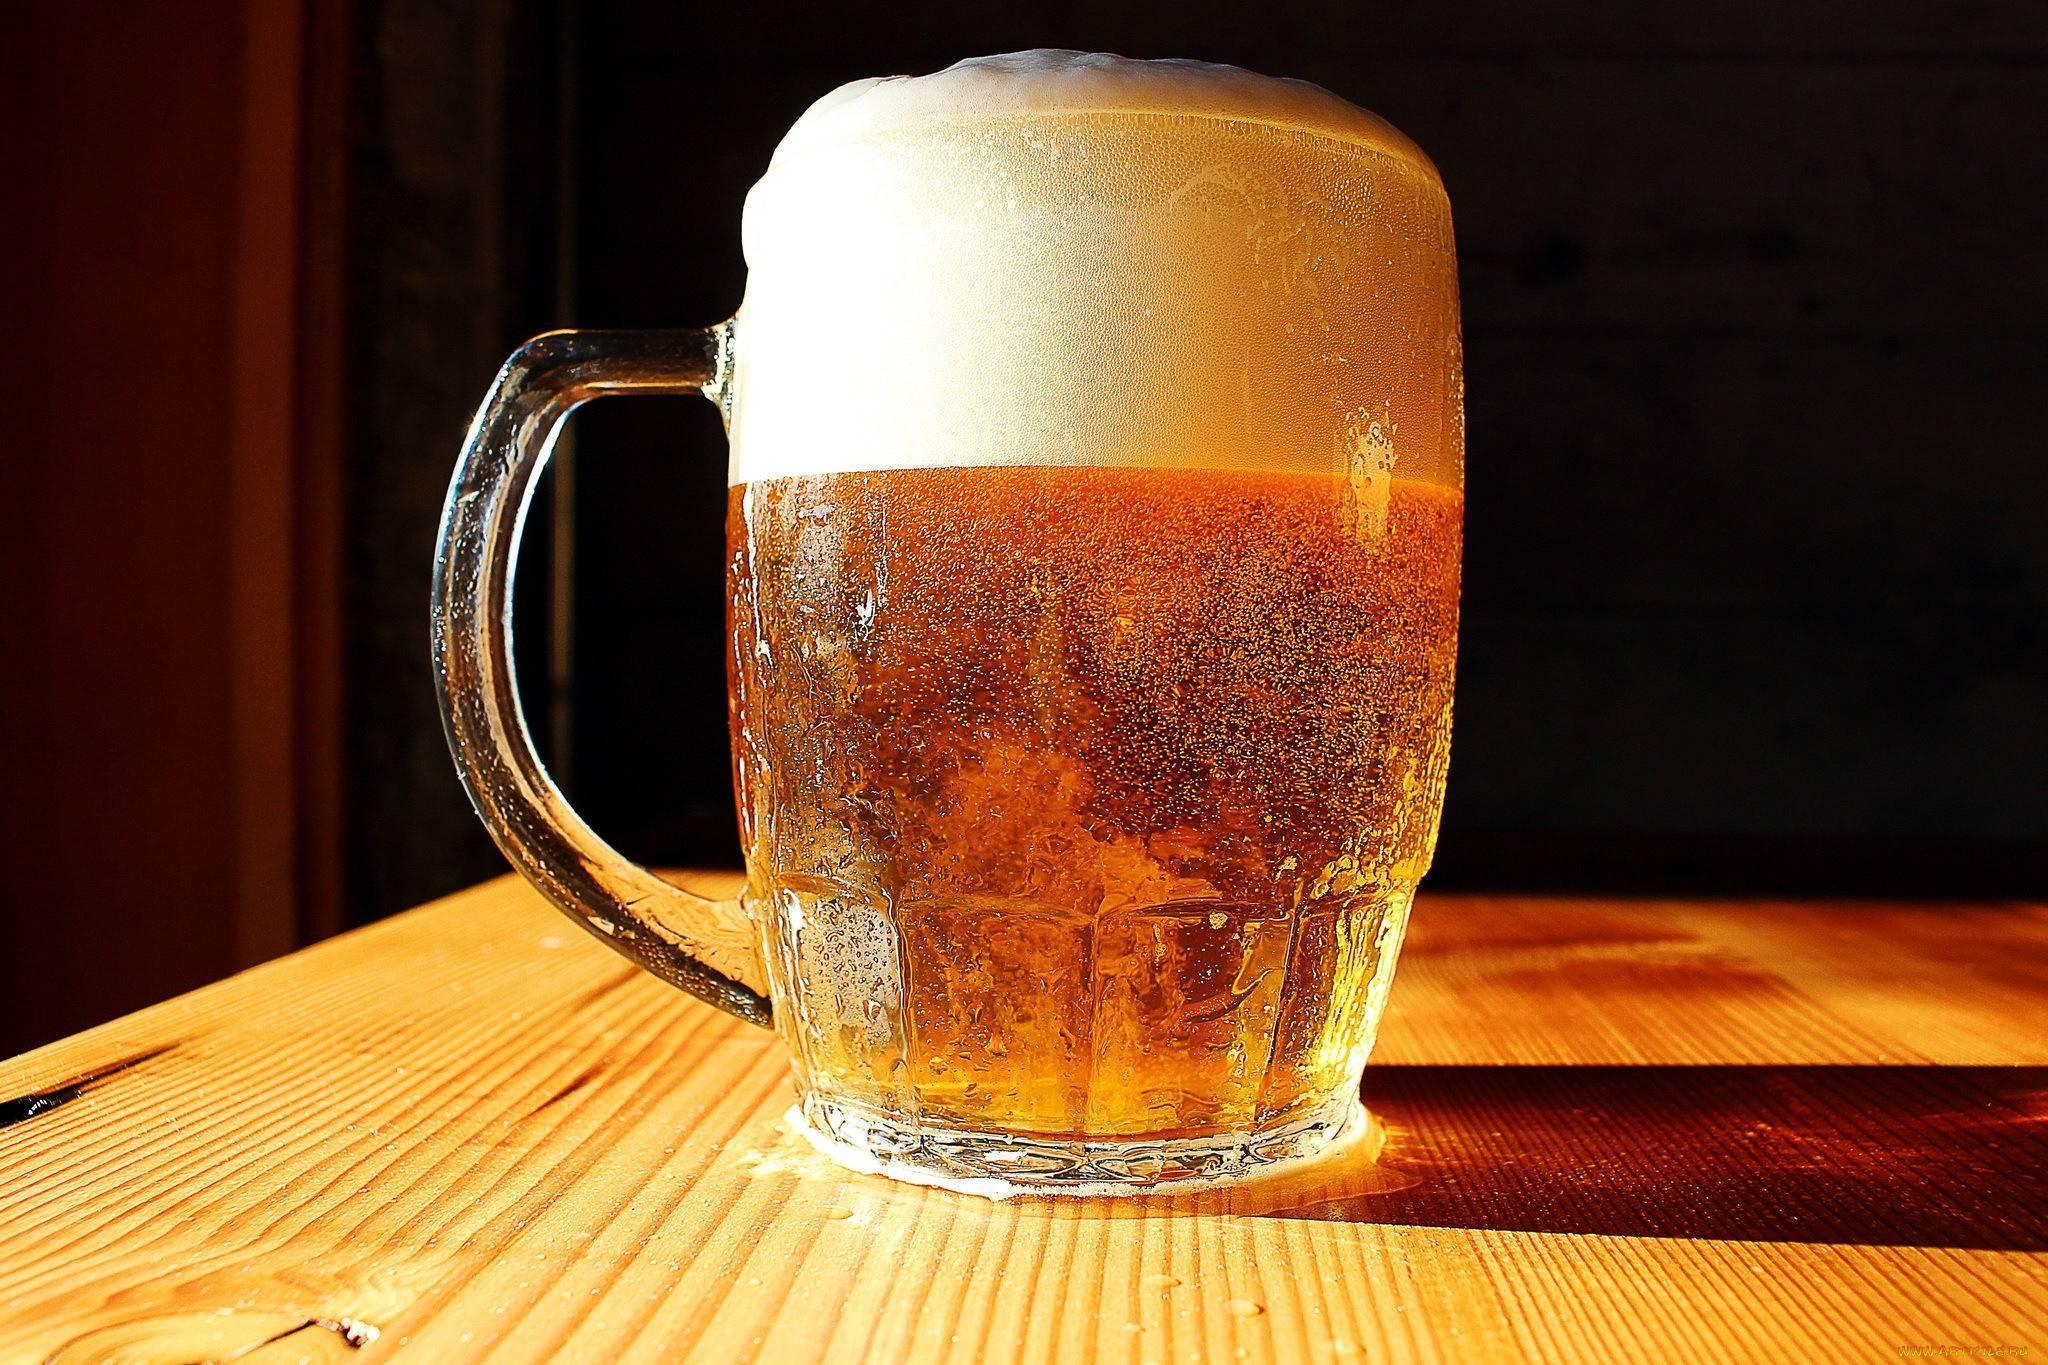 Пиво повышает или понижает давление: влияние на организм | vrednuga.ru